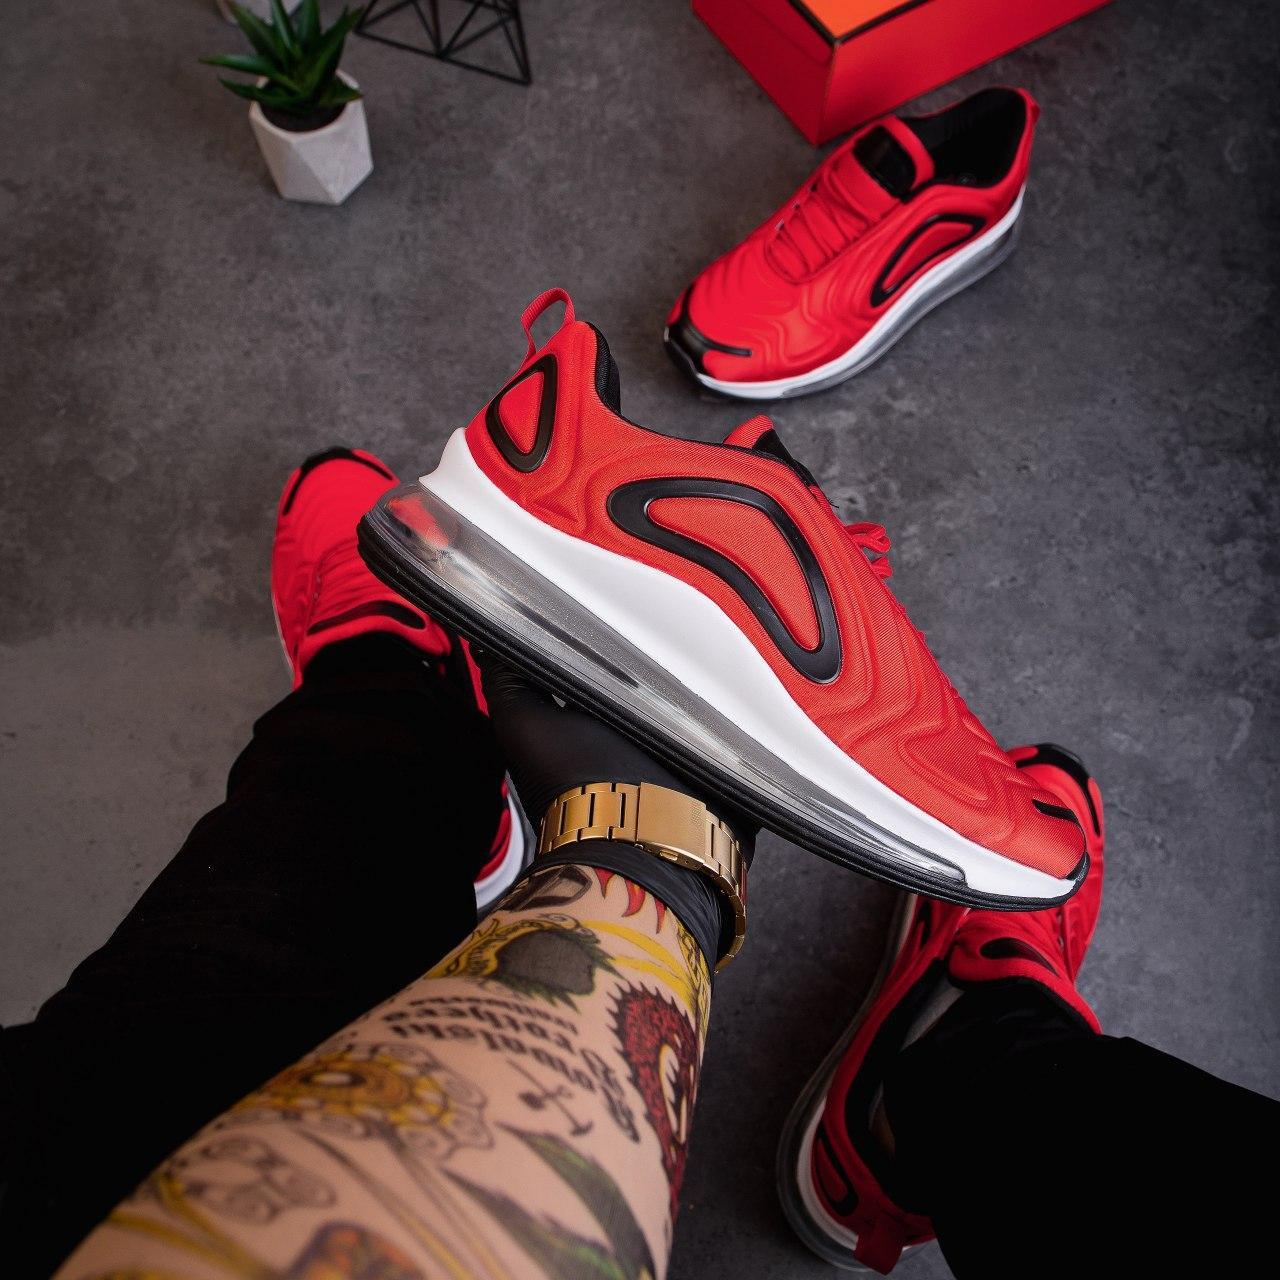 Чоловічі кросівки Ривал Арт 720(червоні)